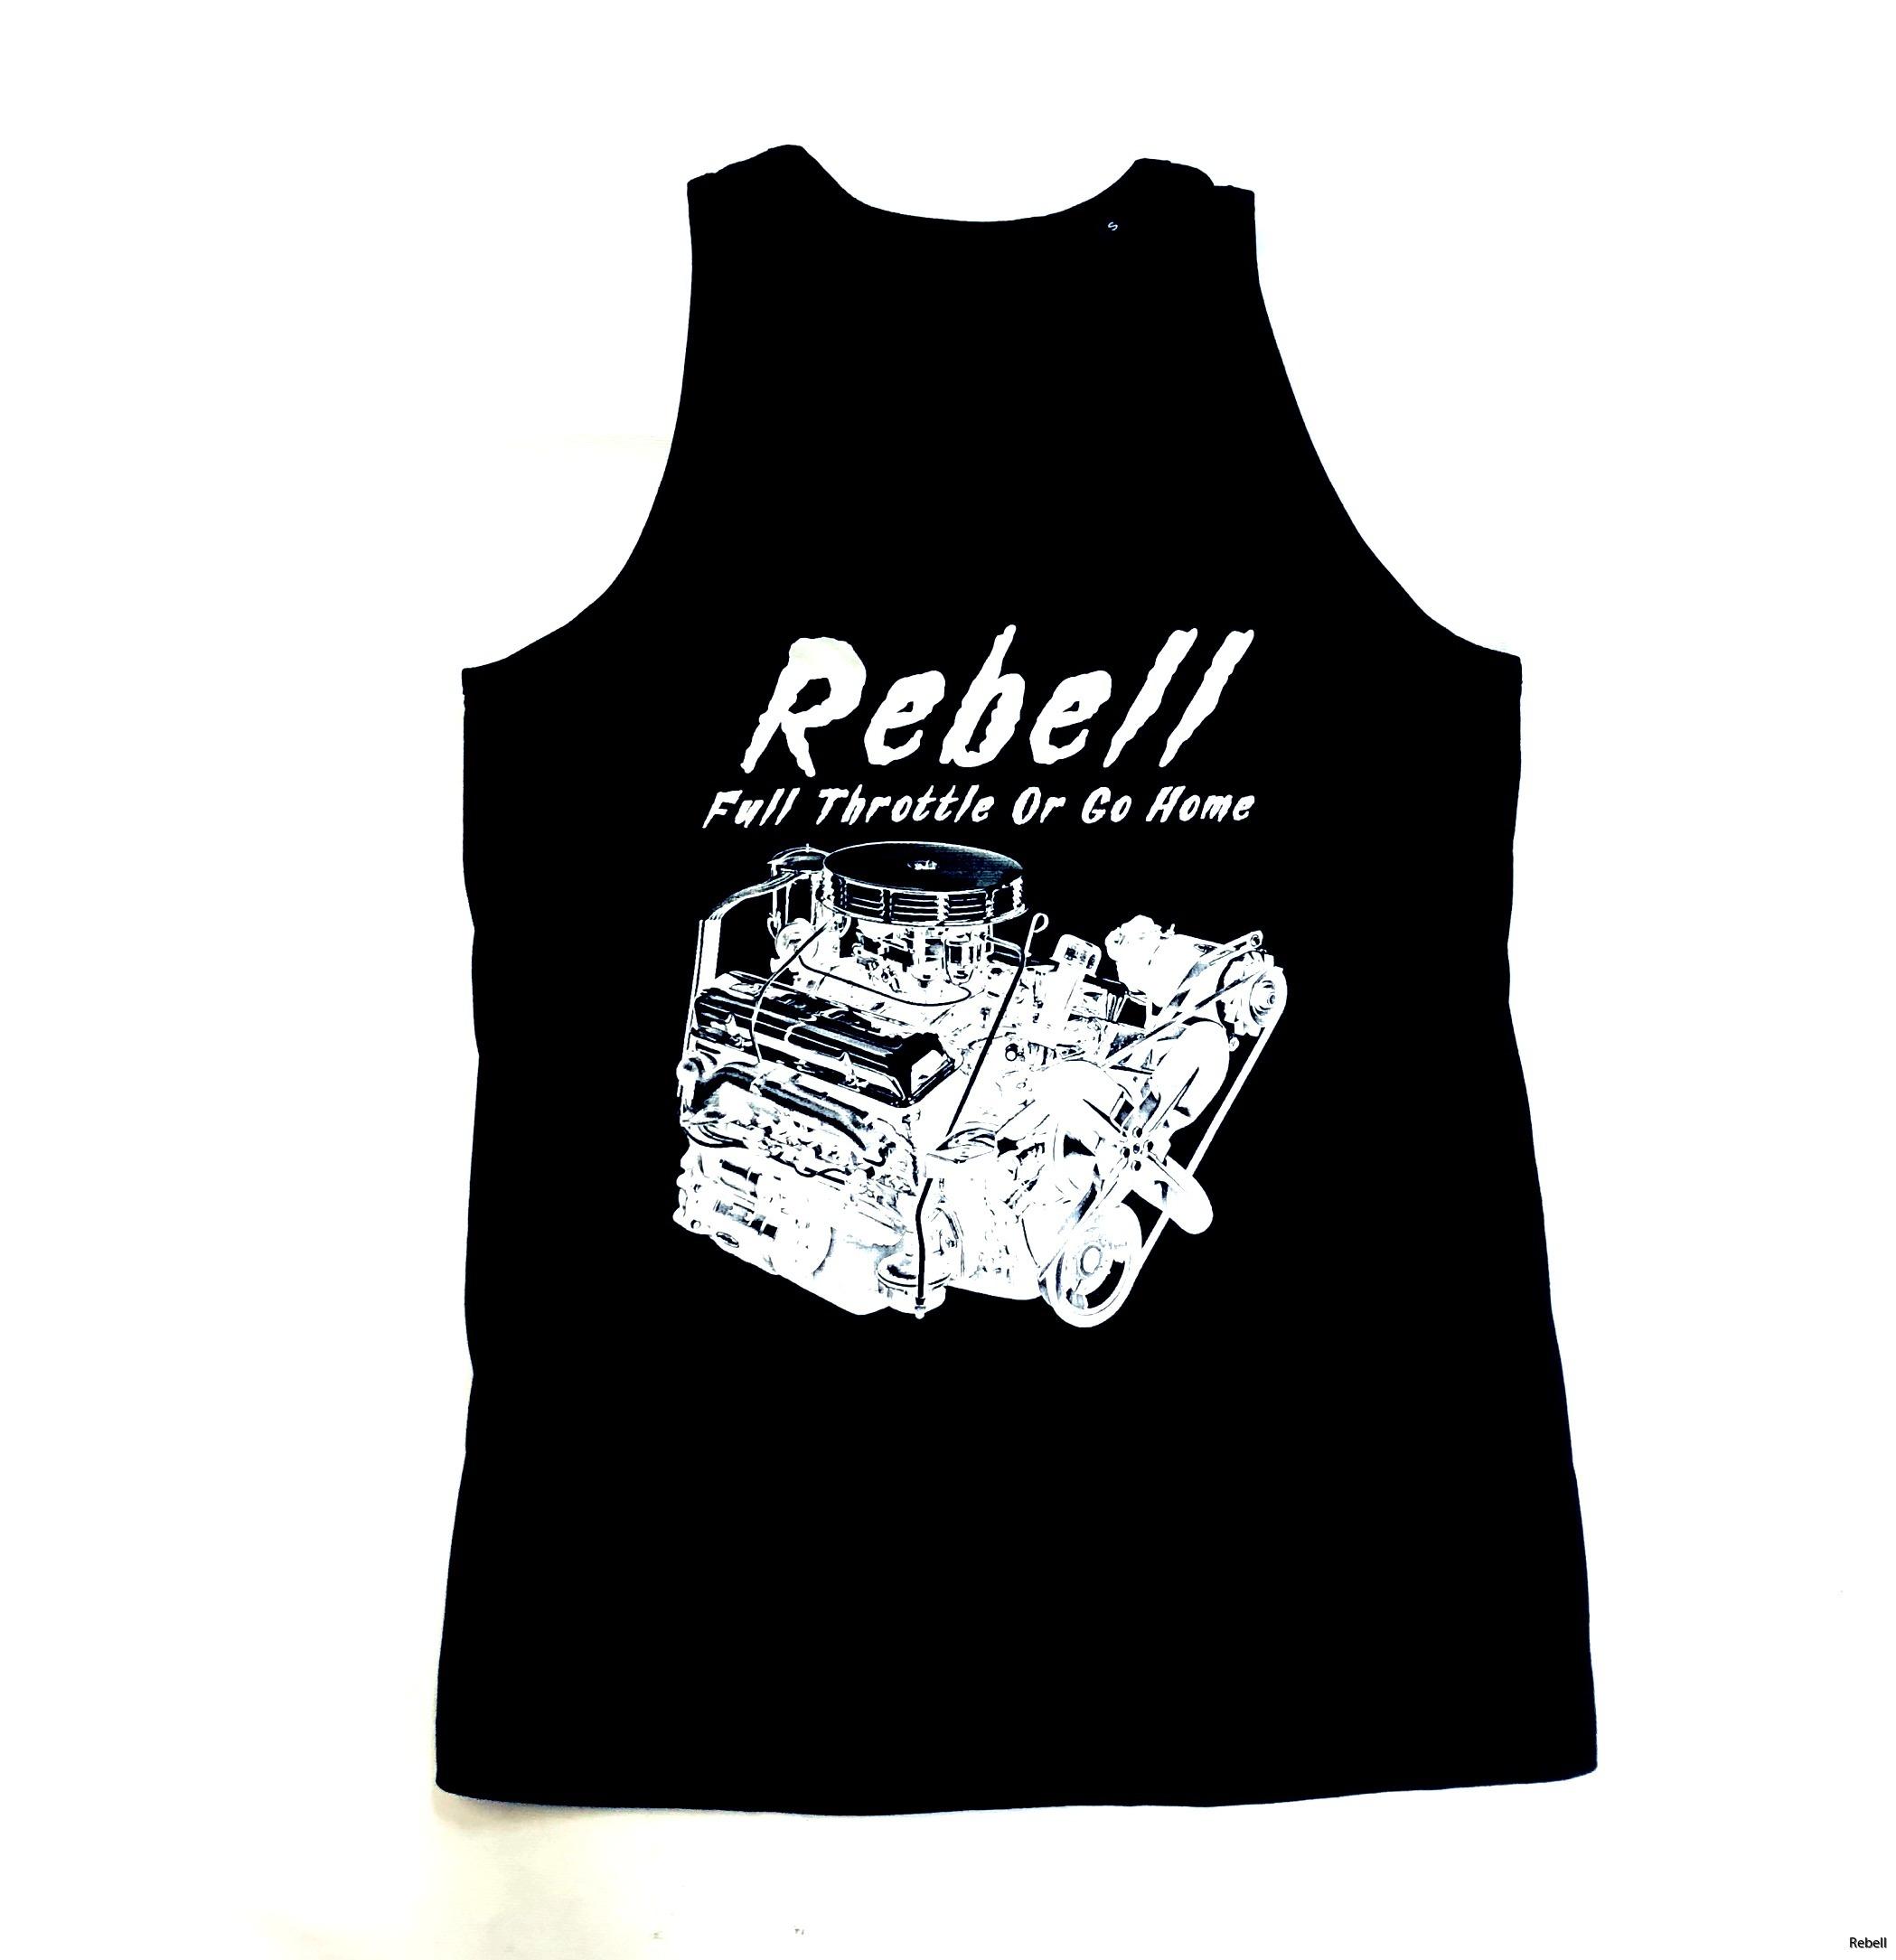 burnout v8 power rebell rebellclothes art design engine motor rock